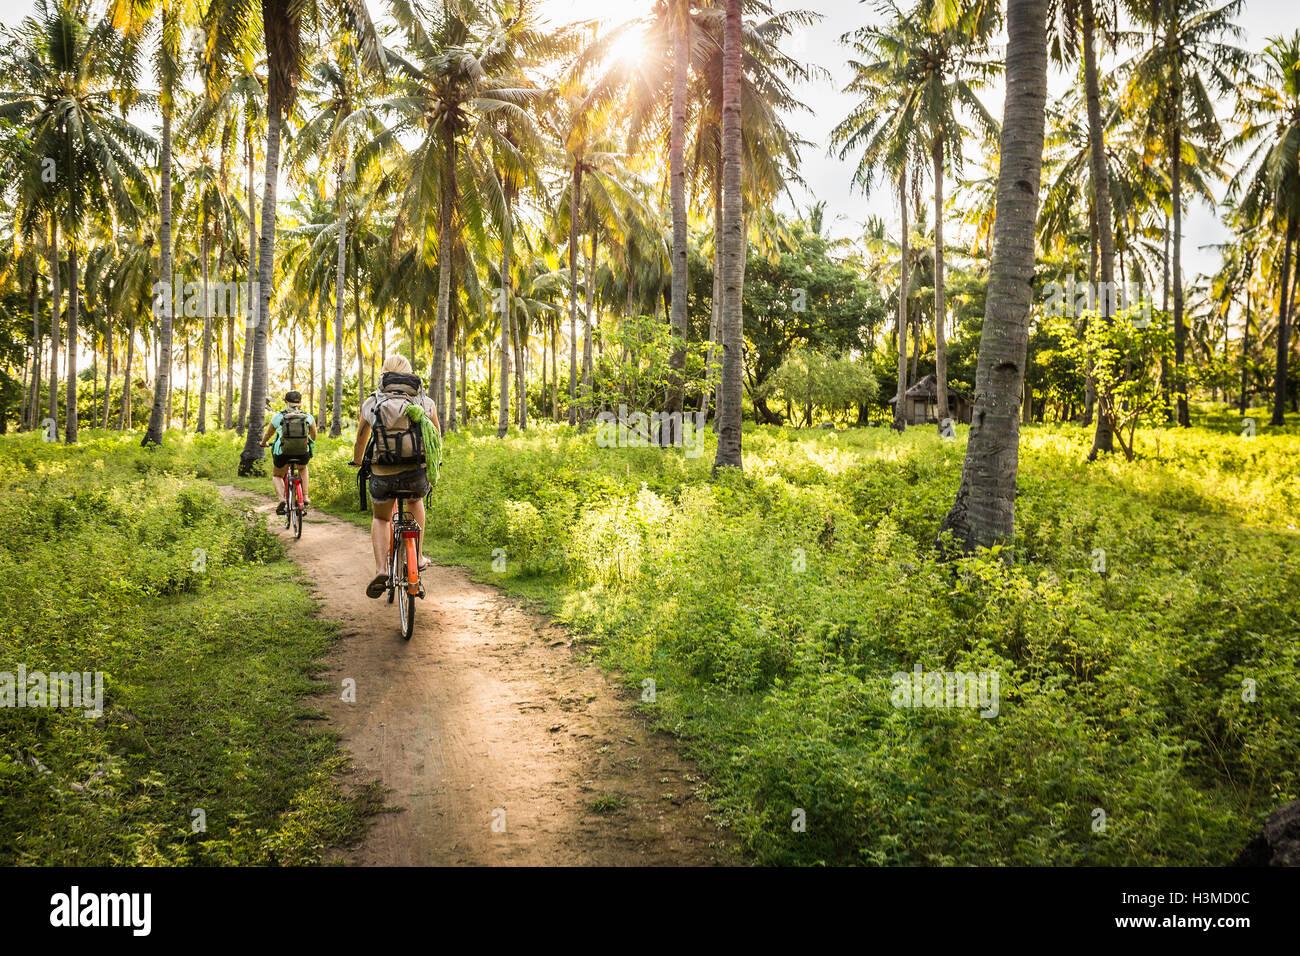 Vista trasera de dos jóvenes mujeres de ciclismo en el bosque de palmeras, Gili Meno, Lombok, Indonesia Imagen De Stock